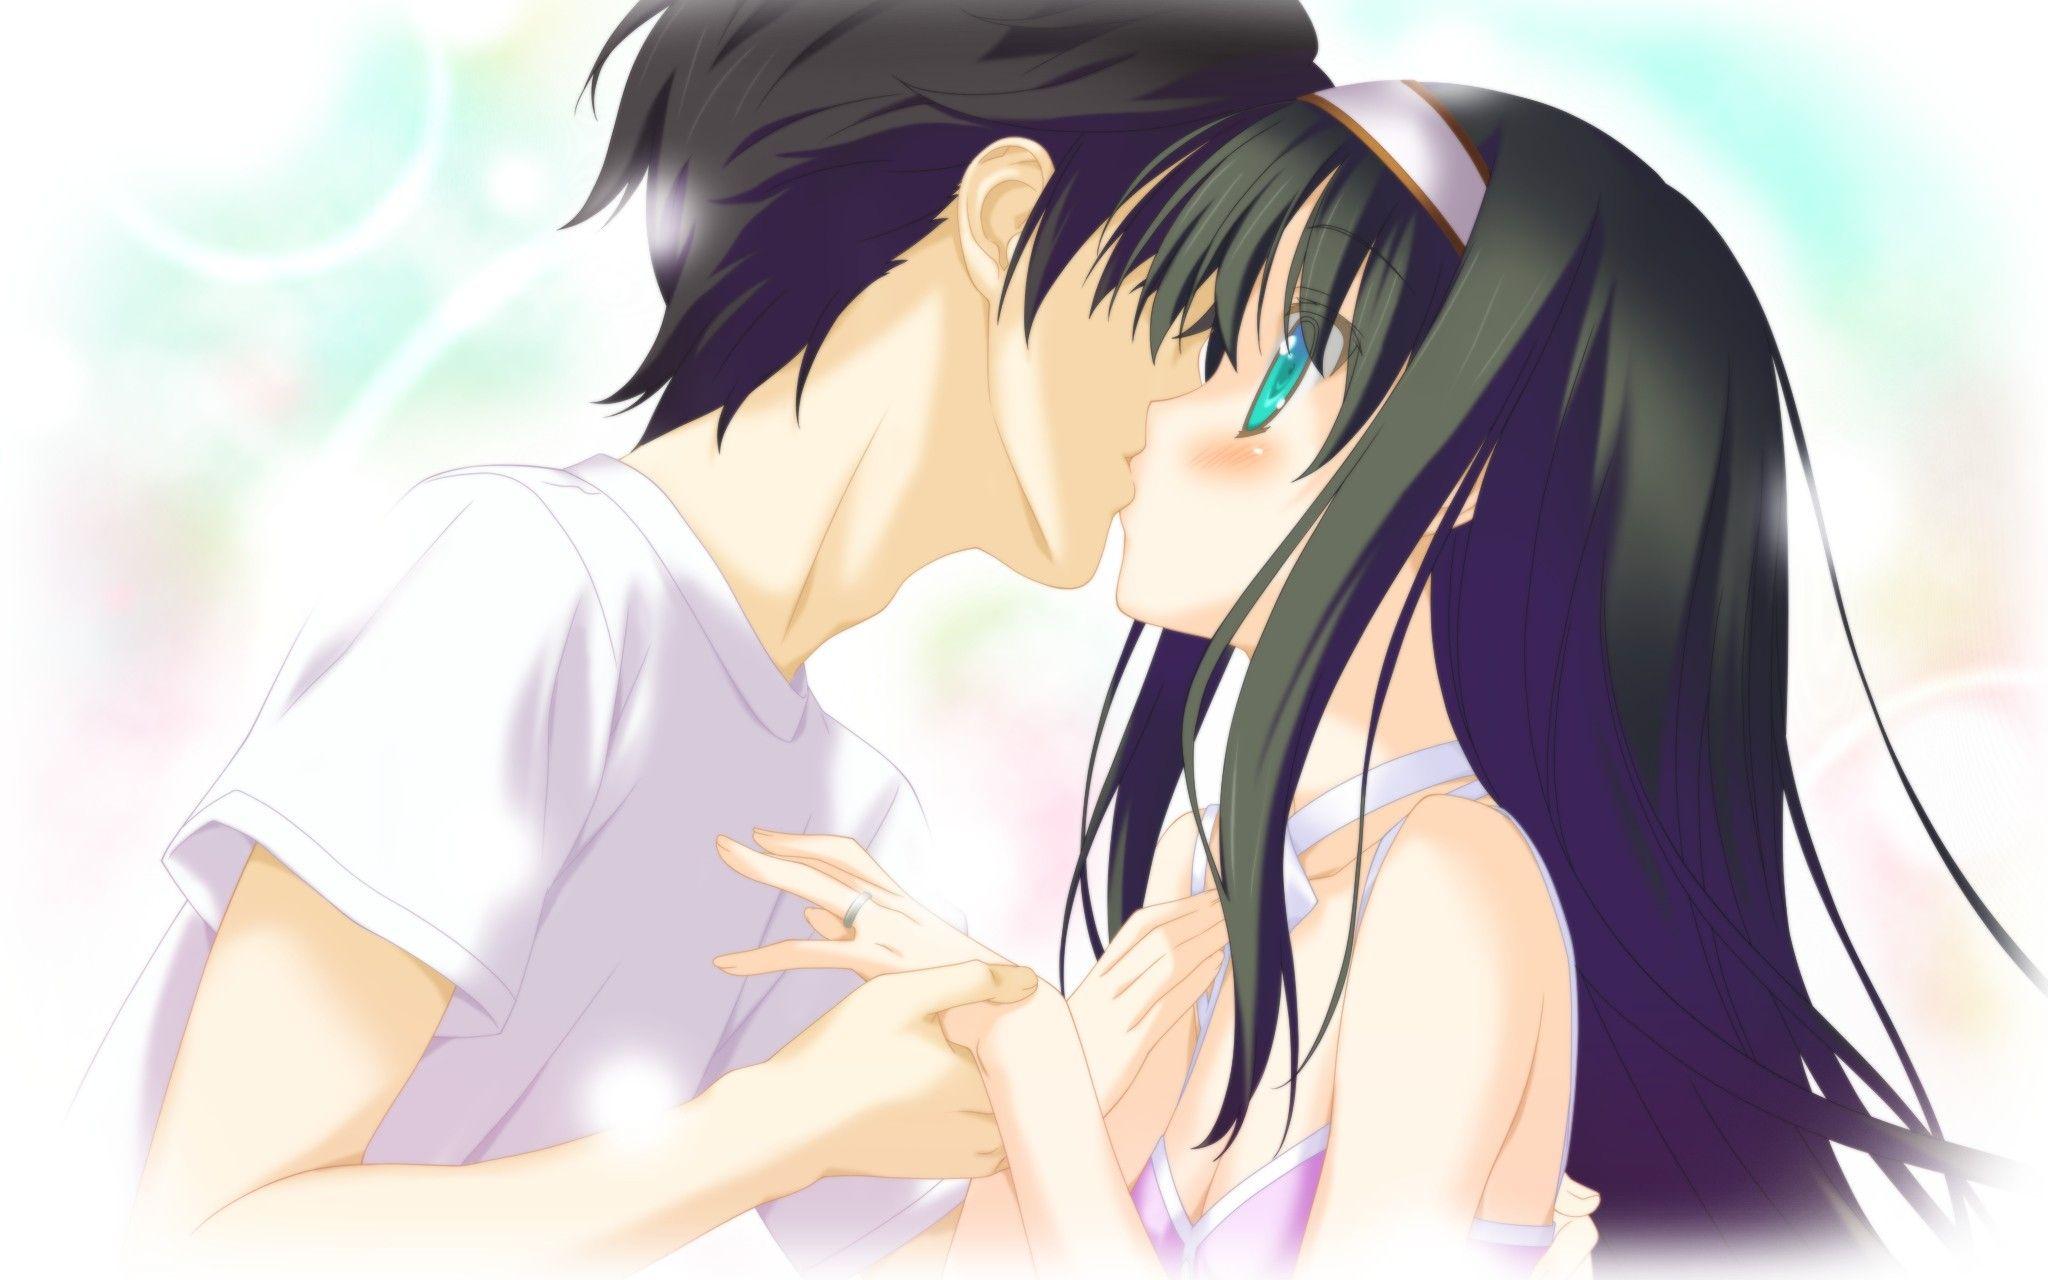 Аниме парень и девушка целуются картинки